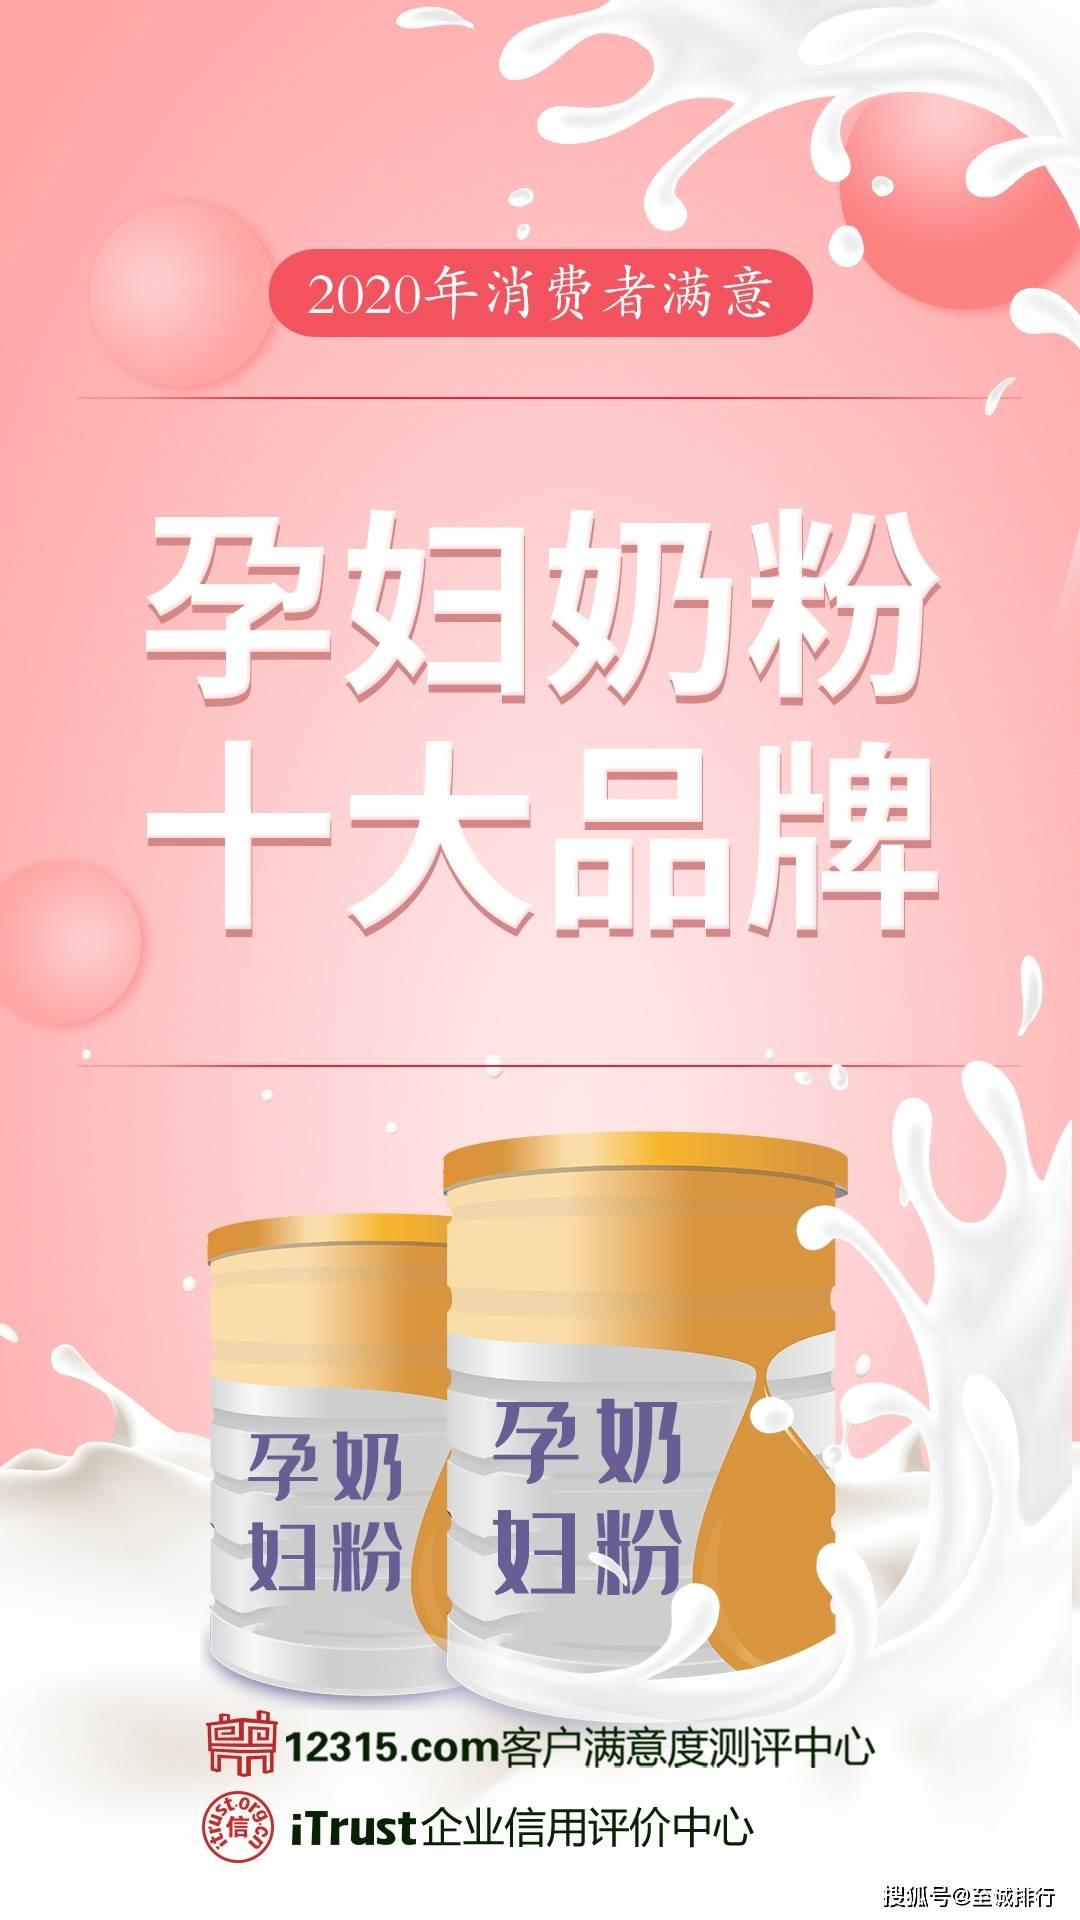 孕妇奶粉价格排行_至诚排行发布2020年消费者满意孕妇奶粉十大品牌